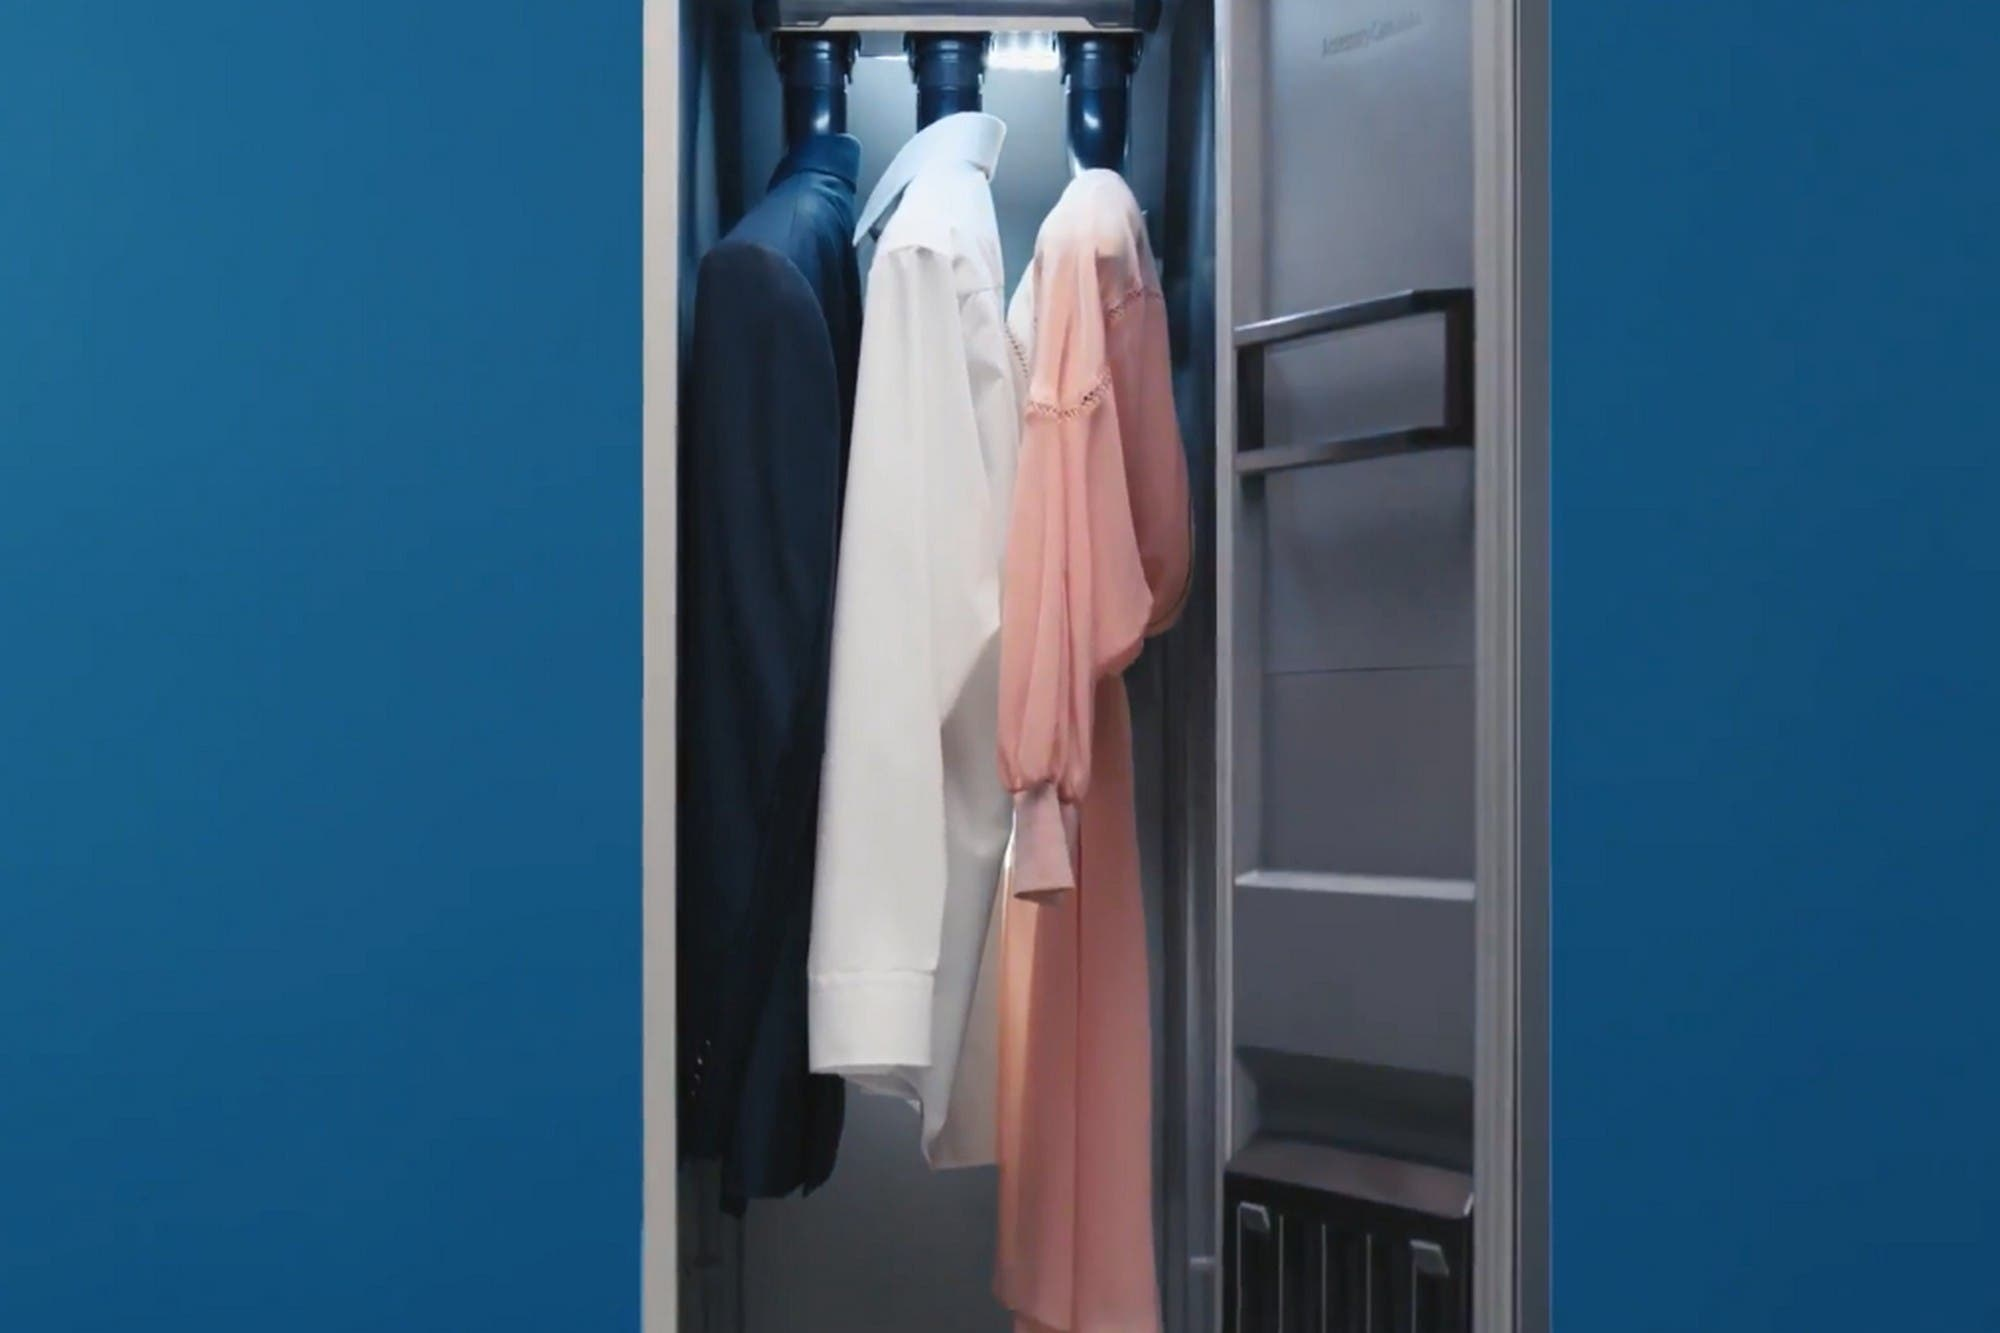 IFA 2019: así funciona AirDresser, el placard que limpia las prendas con vapor